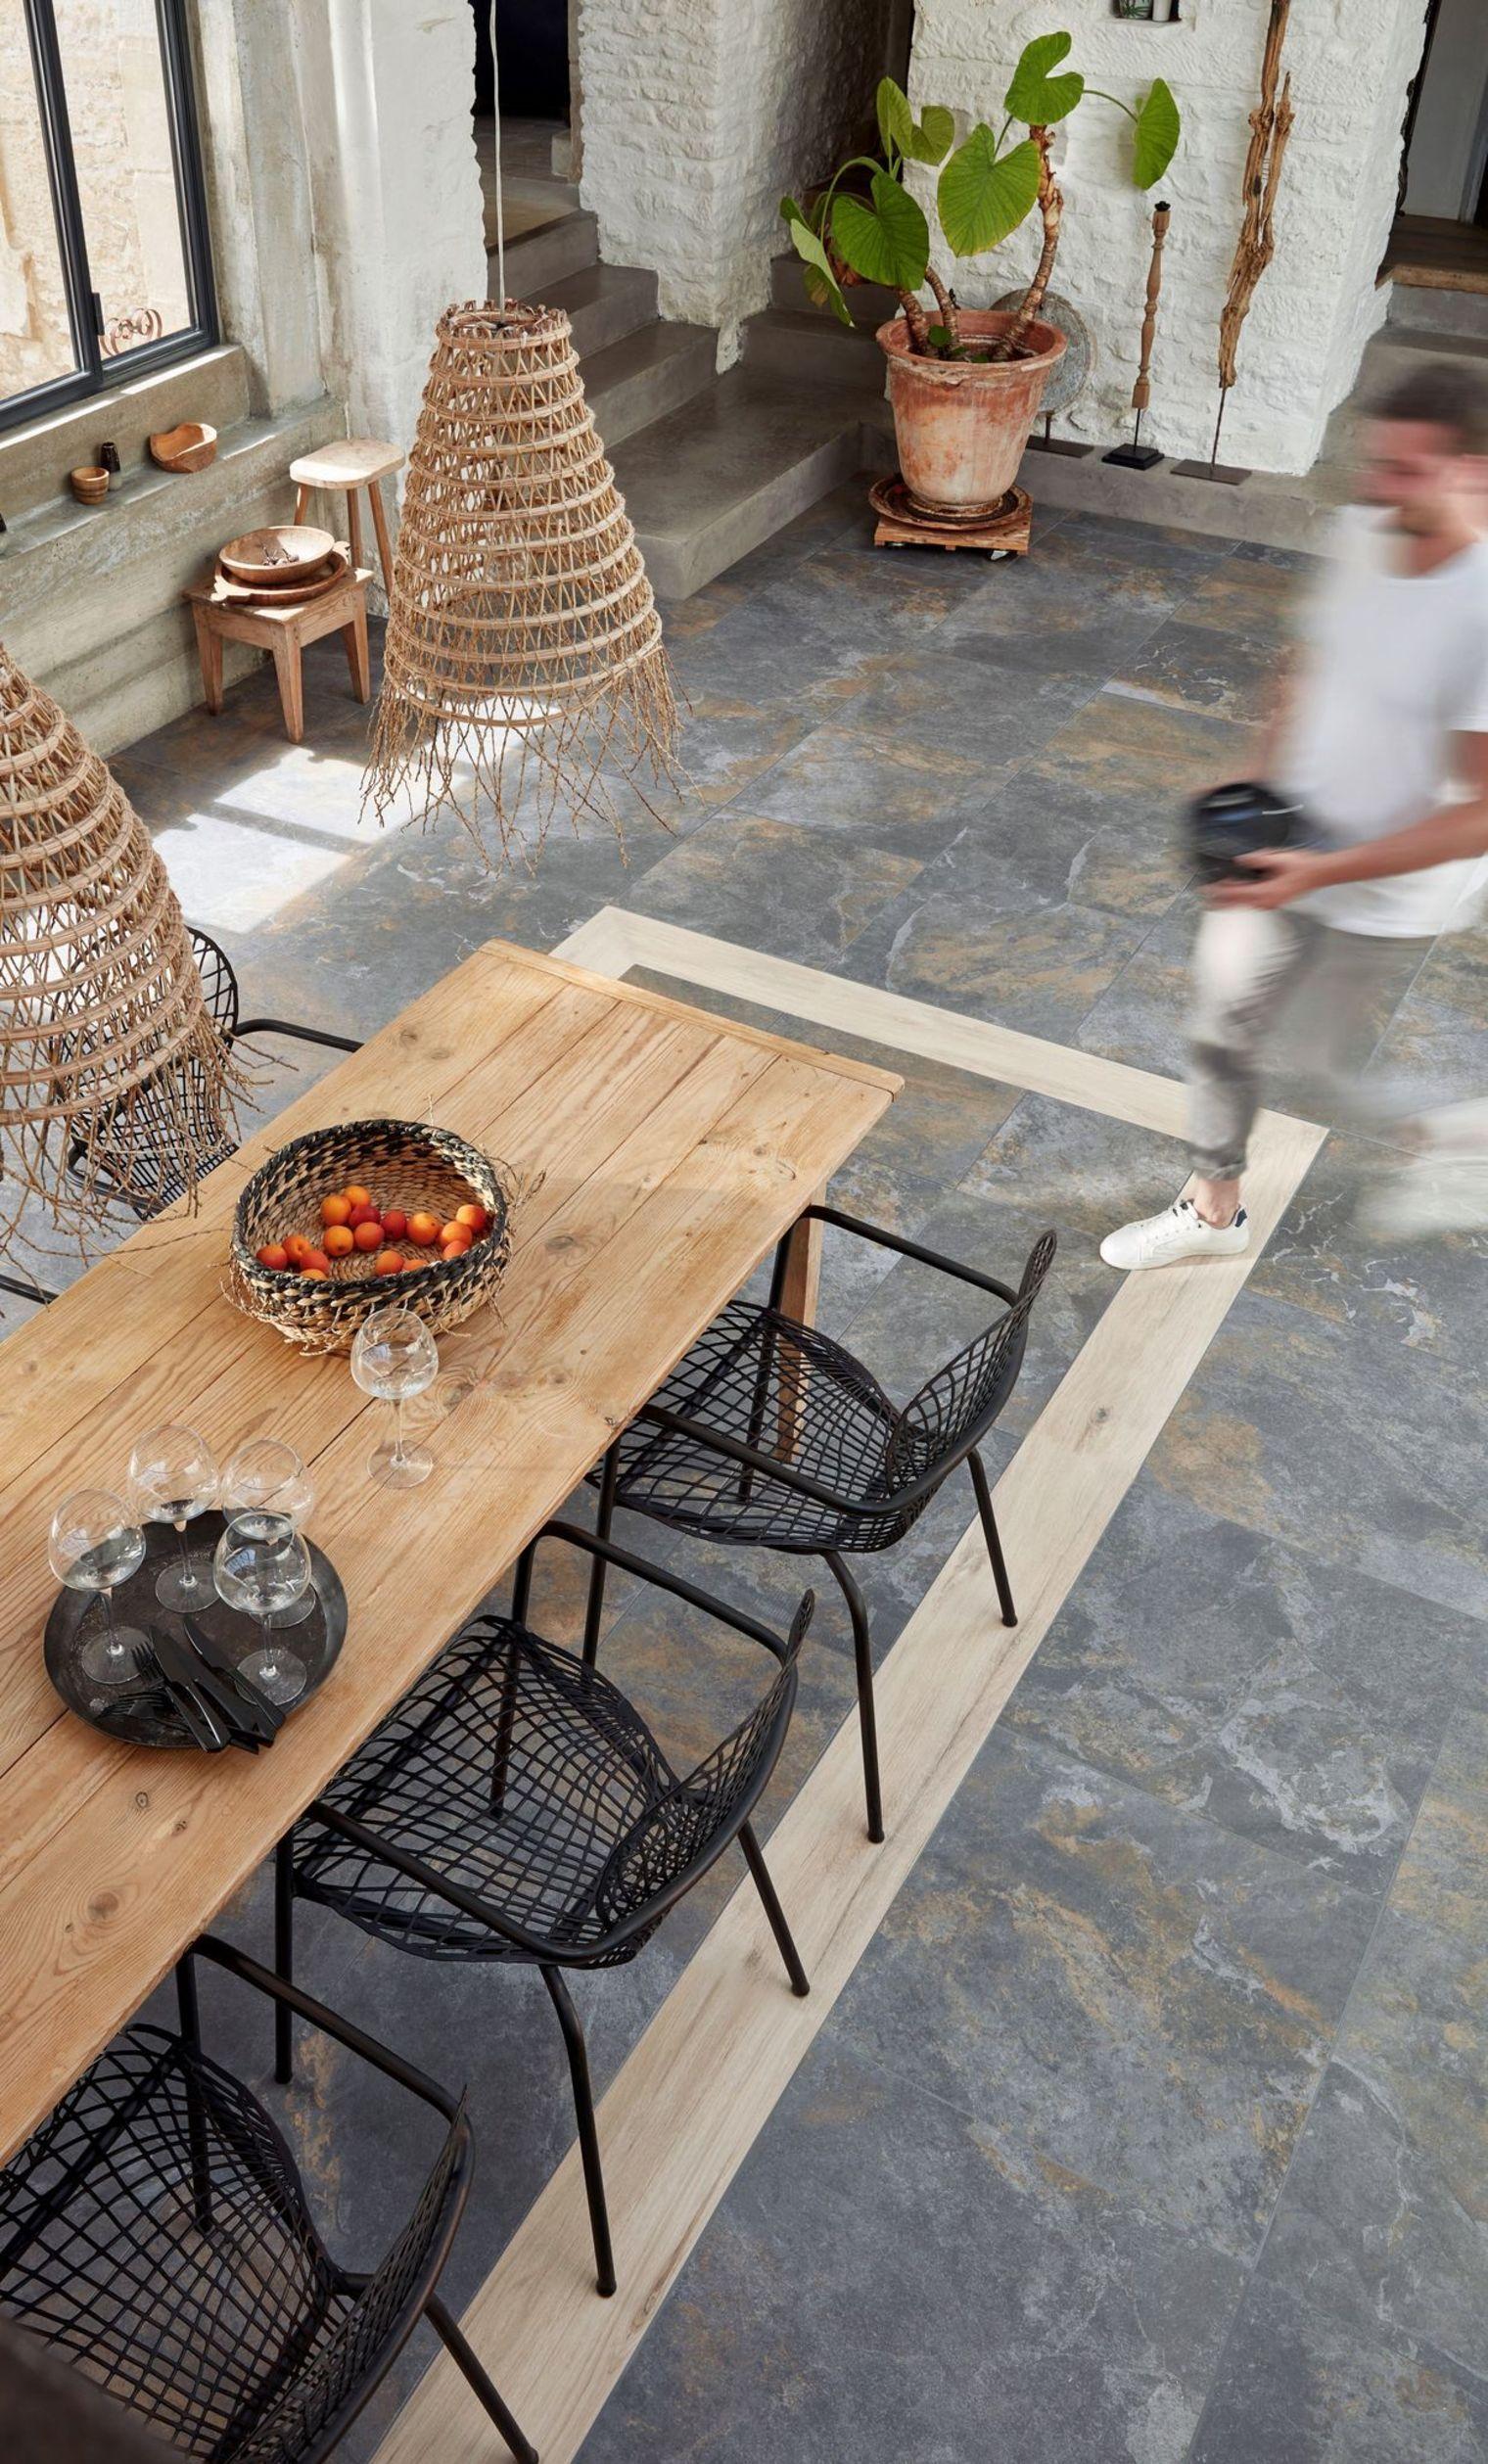 Carrelage Cuisine Des Modeles Tendance Pour La Cuisine Carrelage Cuisine Carrelage Et Carrelage Salon